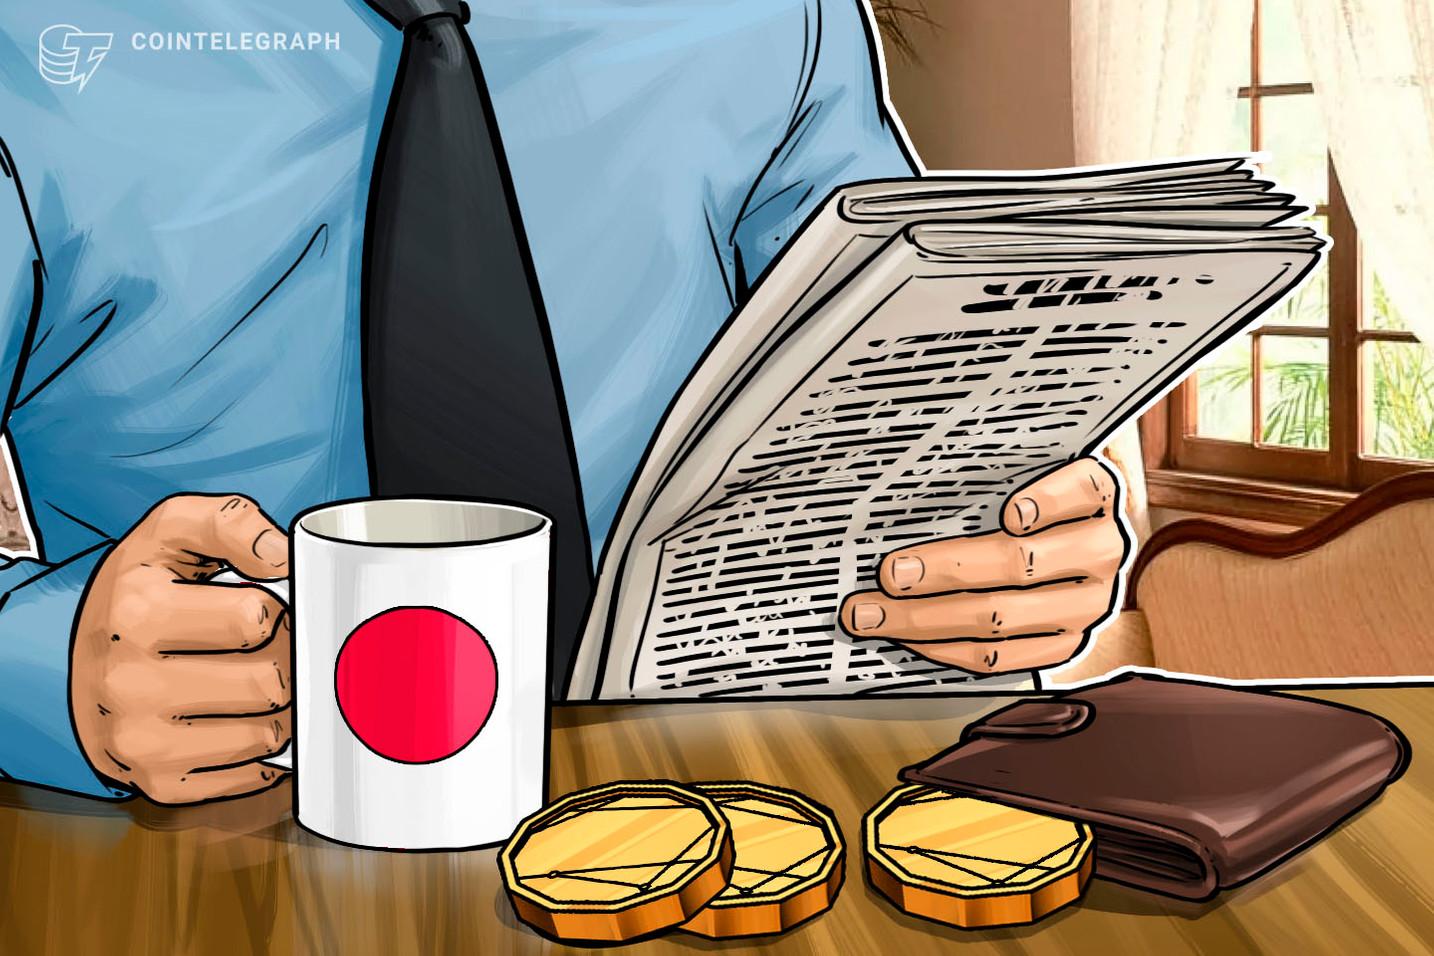 Japanische Krypto-Erpresser drohen mit Bombenanschlag